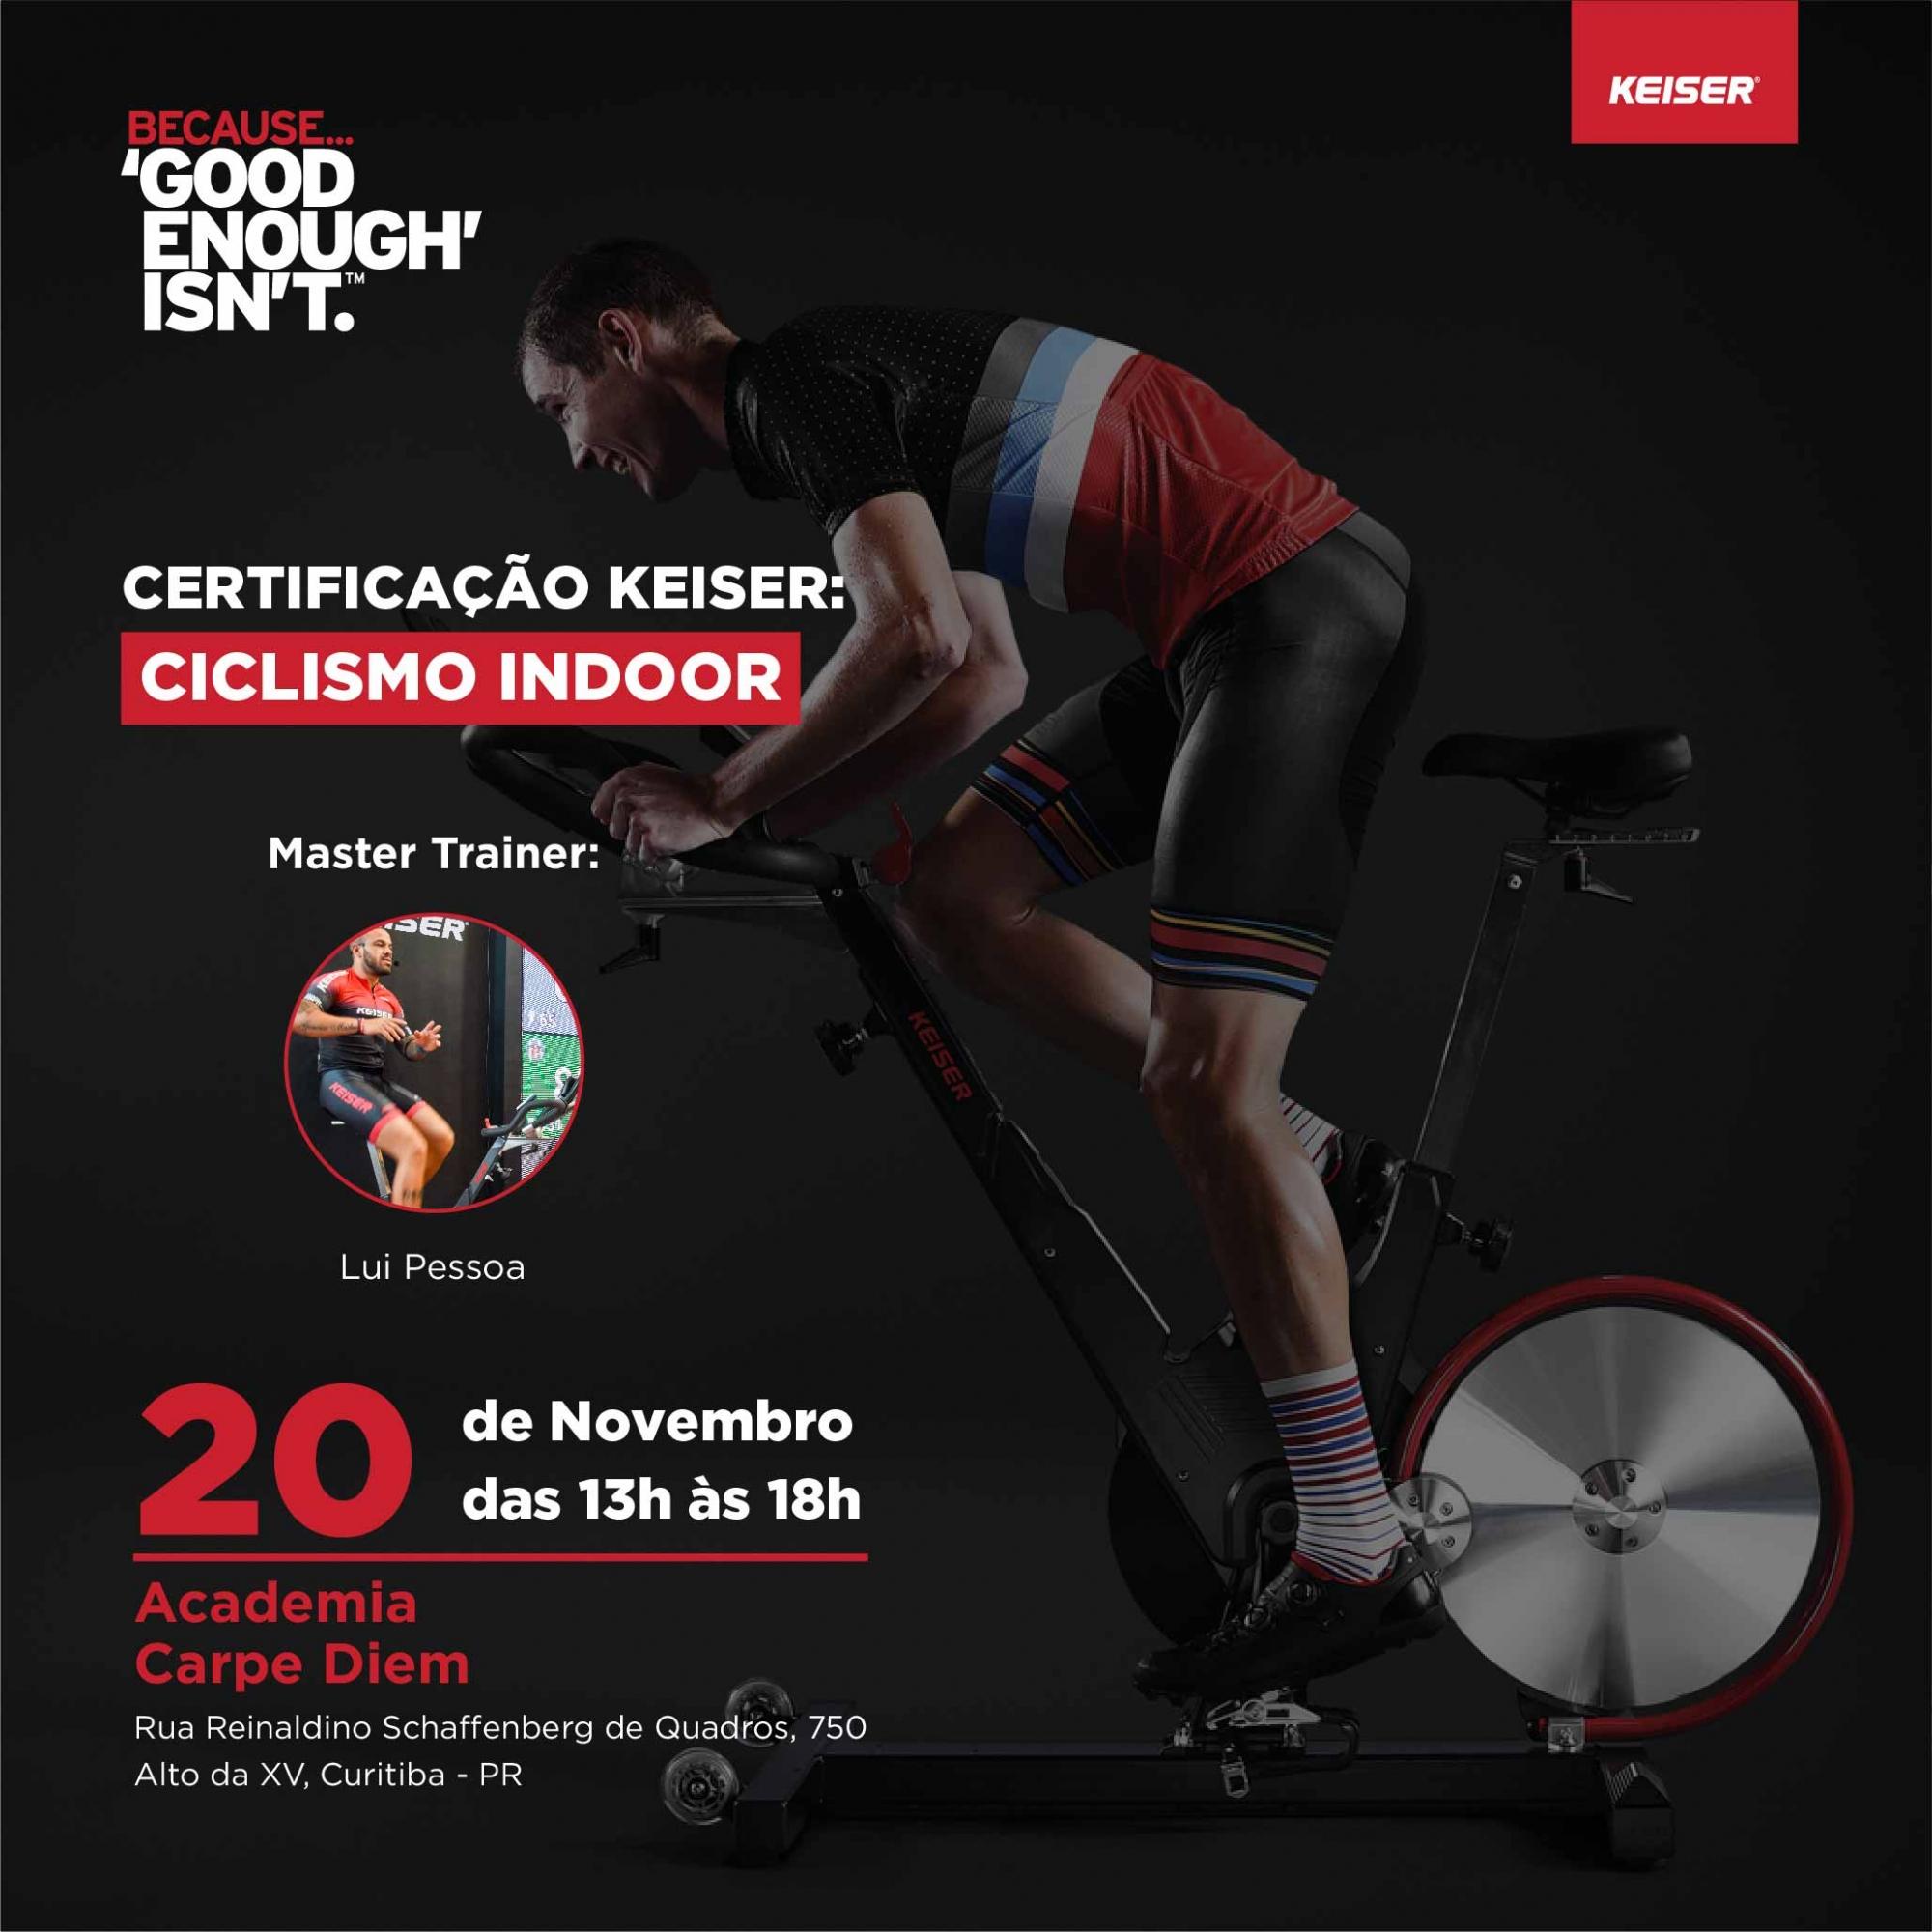 Certificação Keiser - Ciclismo Indoor